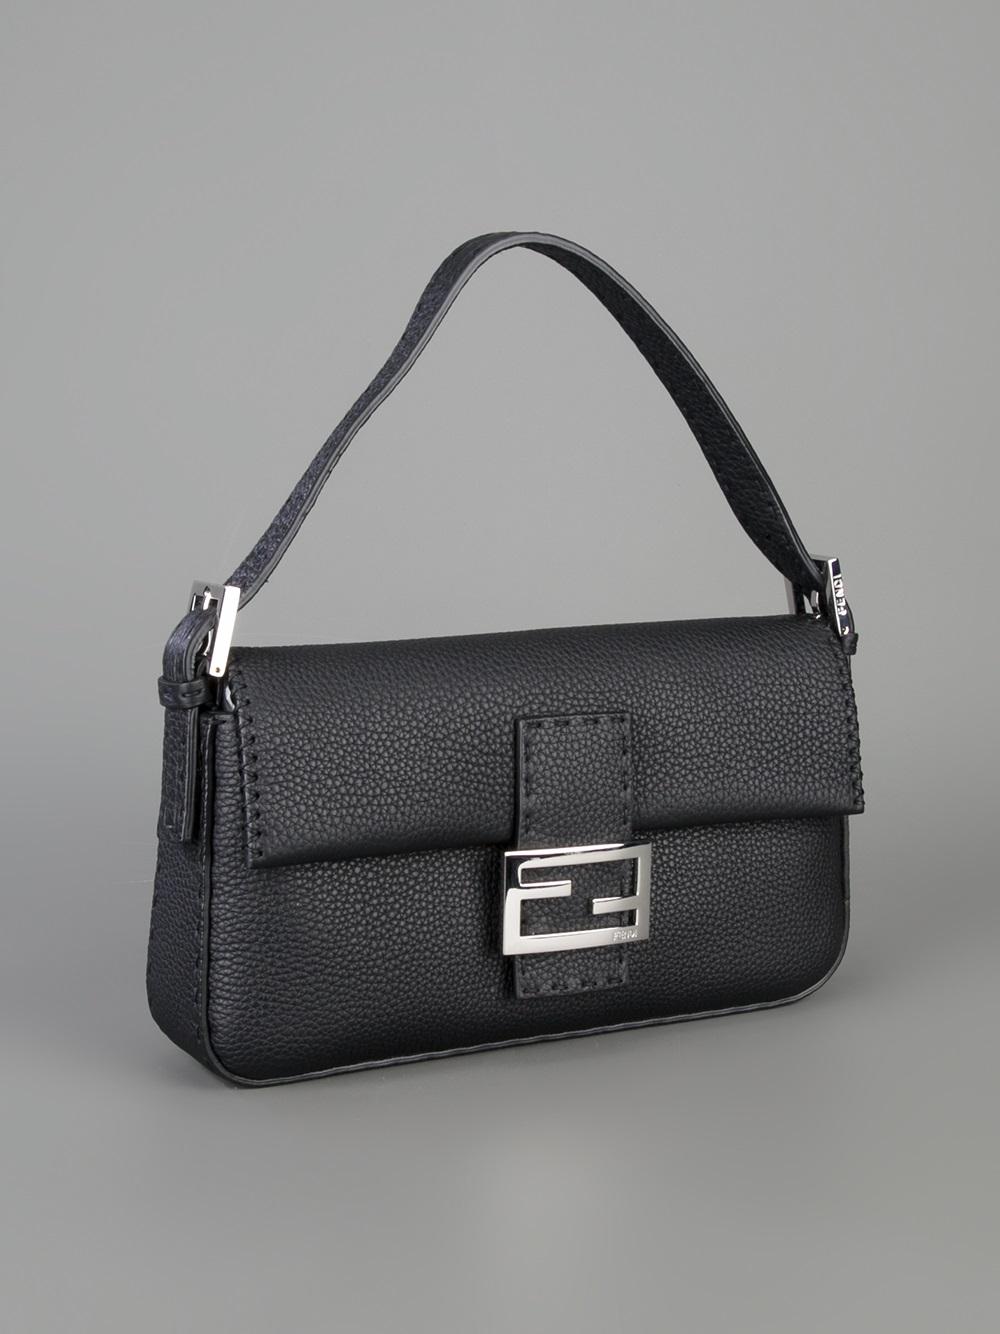 Lyst - Fendi Selleria Baguette Bag in Black b15e95cc5e795